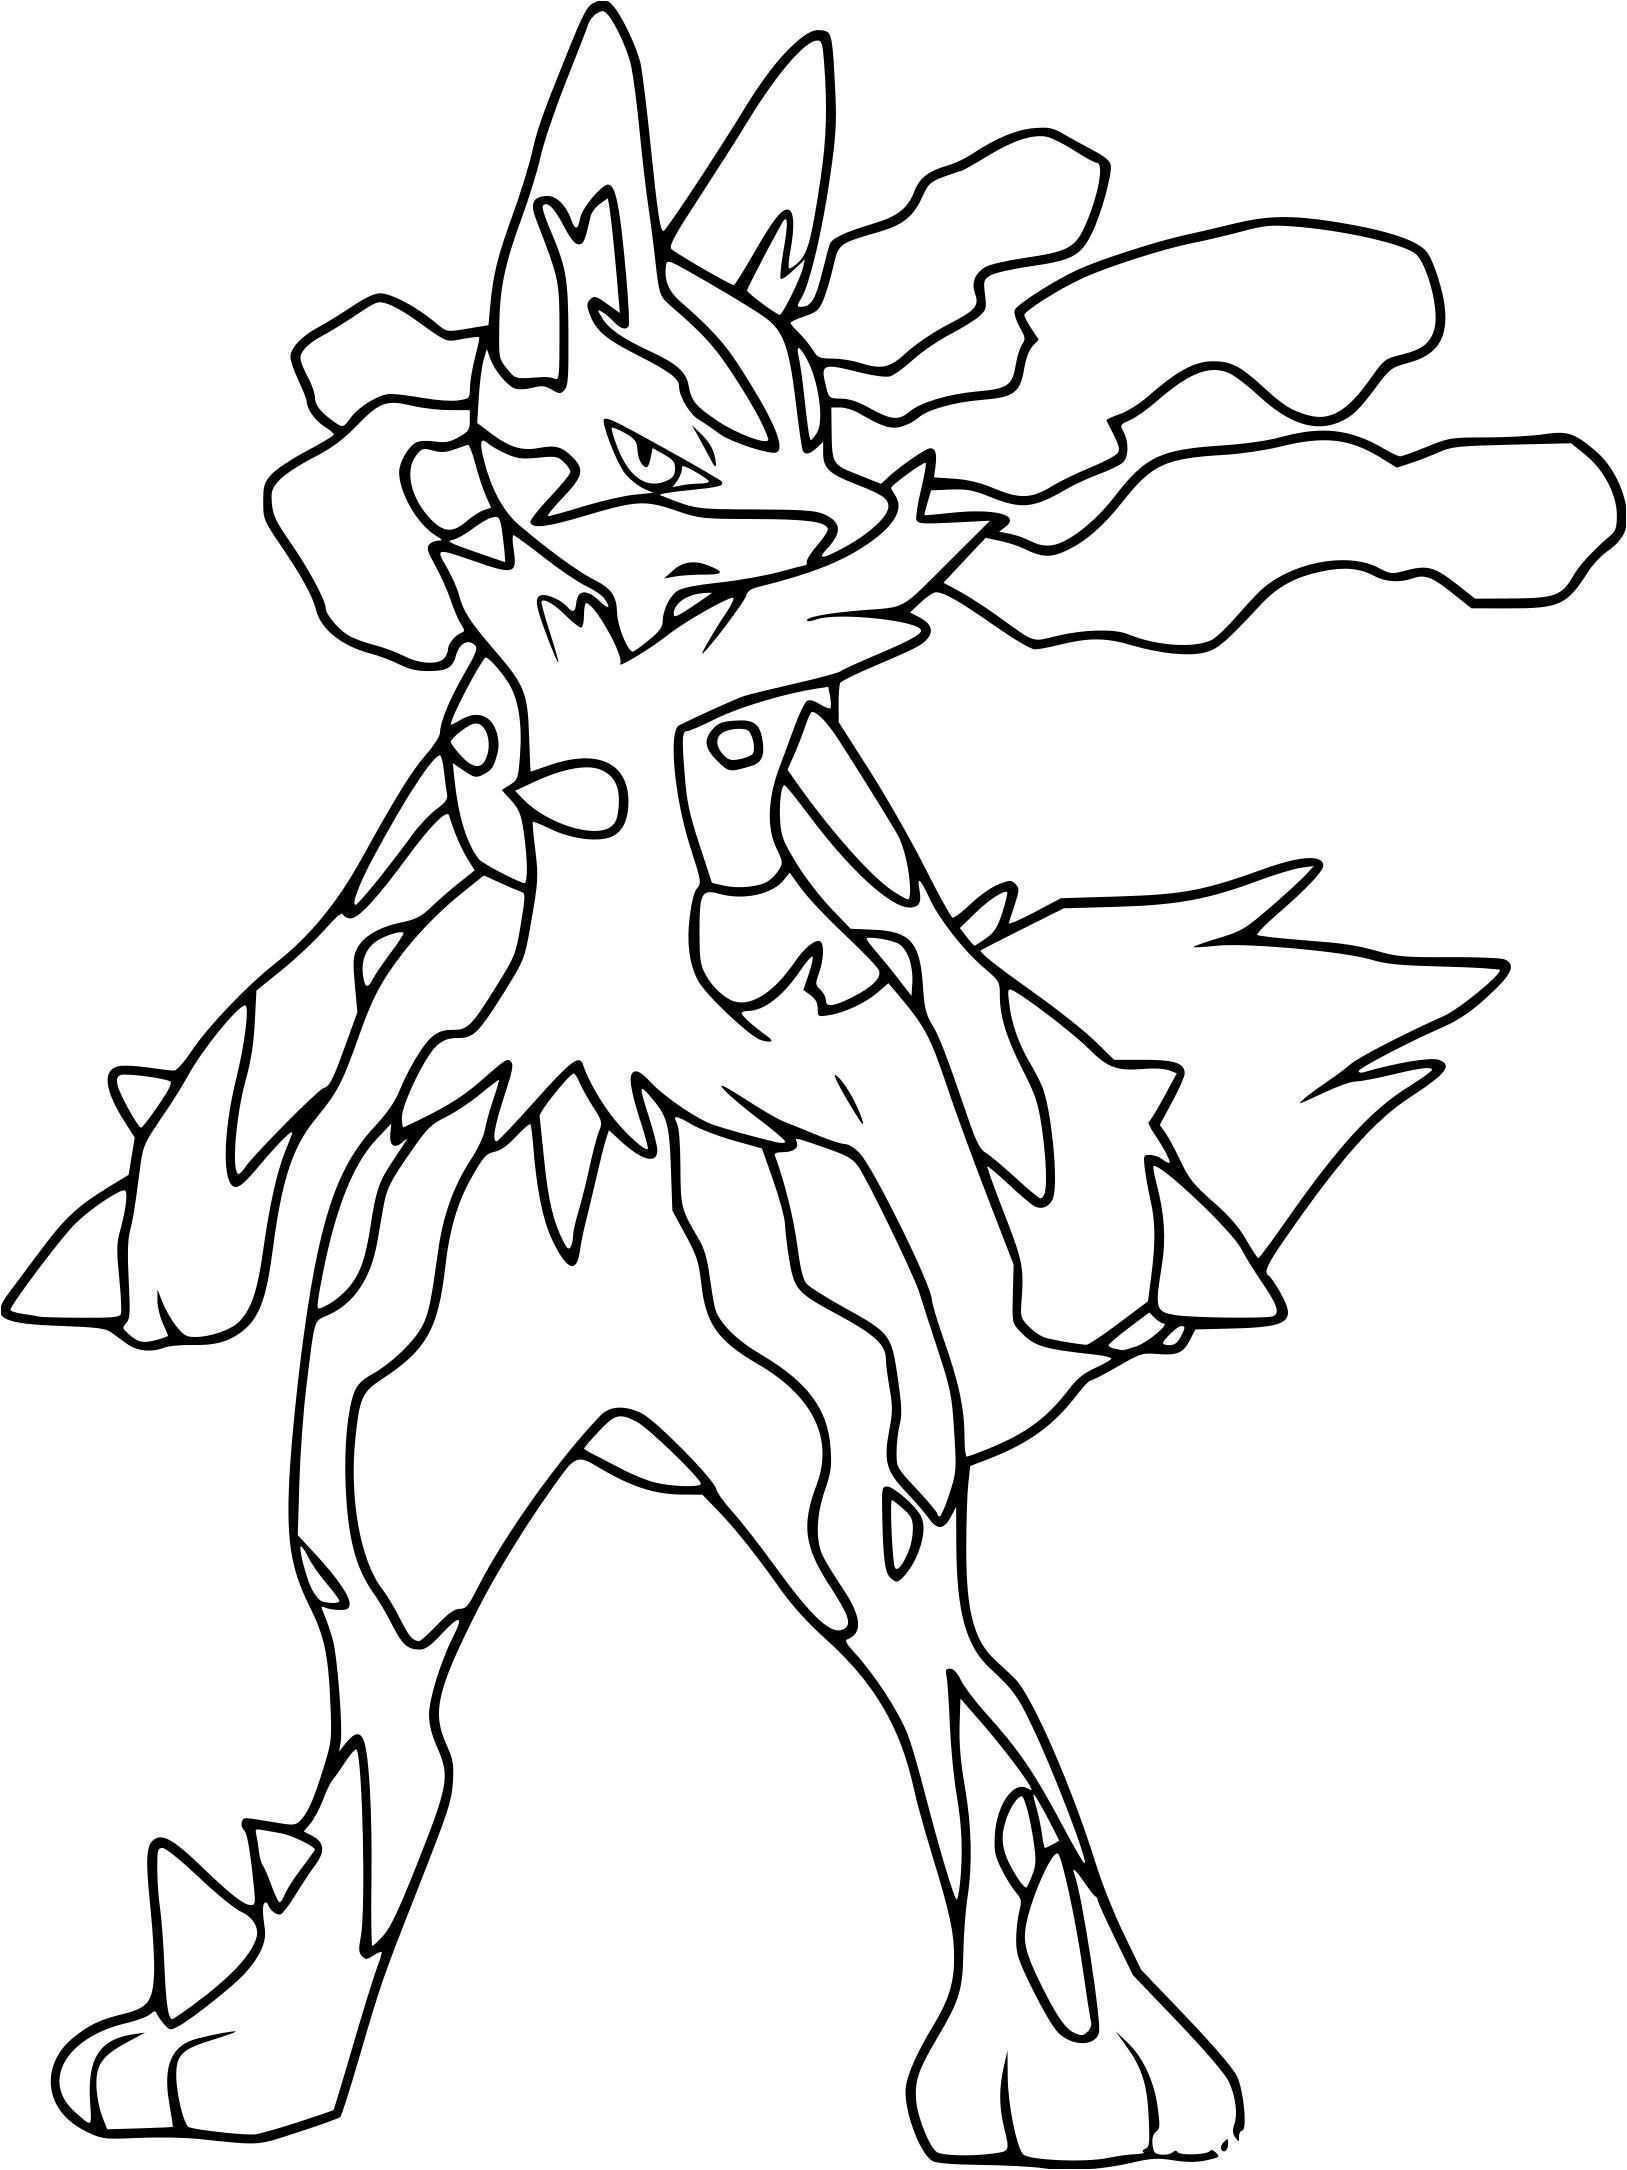 39 Dessins De Coloriage Pokemon Mega Evolution À Imprimer avec Dessin À Peindre À Imprimer Gratuit